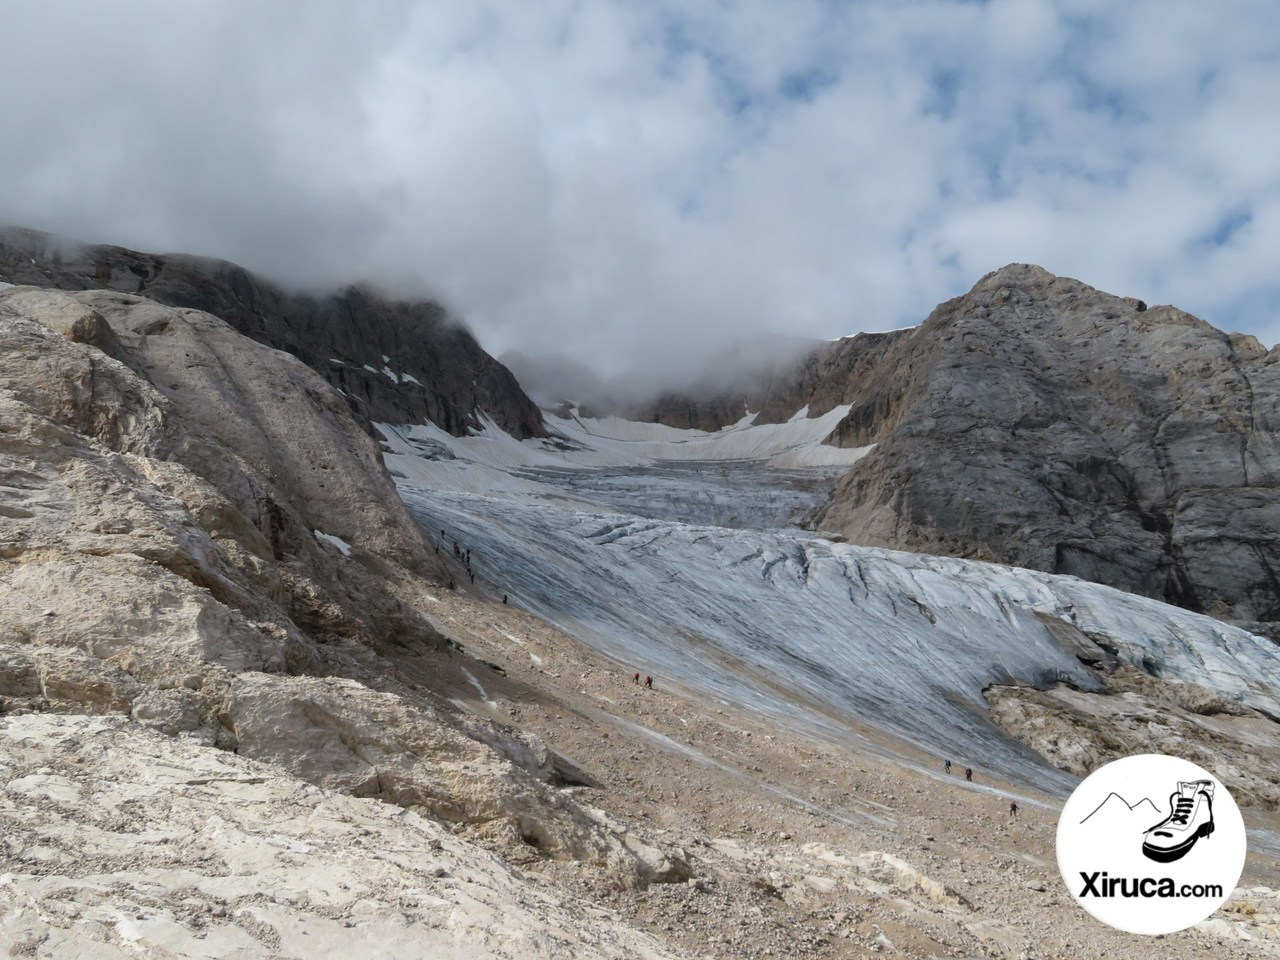 Montañeros ascendiendo al glaciar de la Marmolada